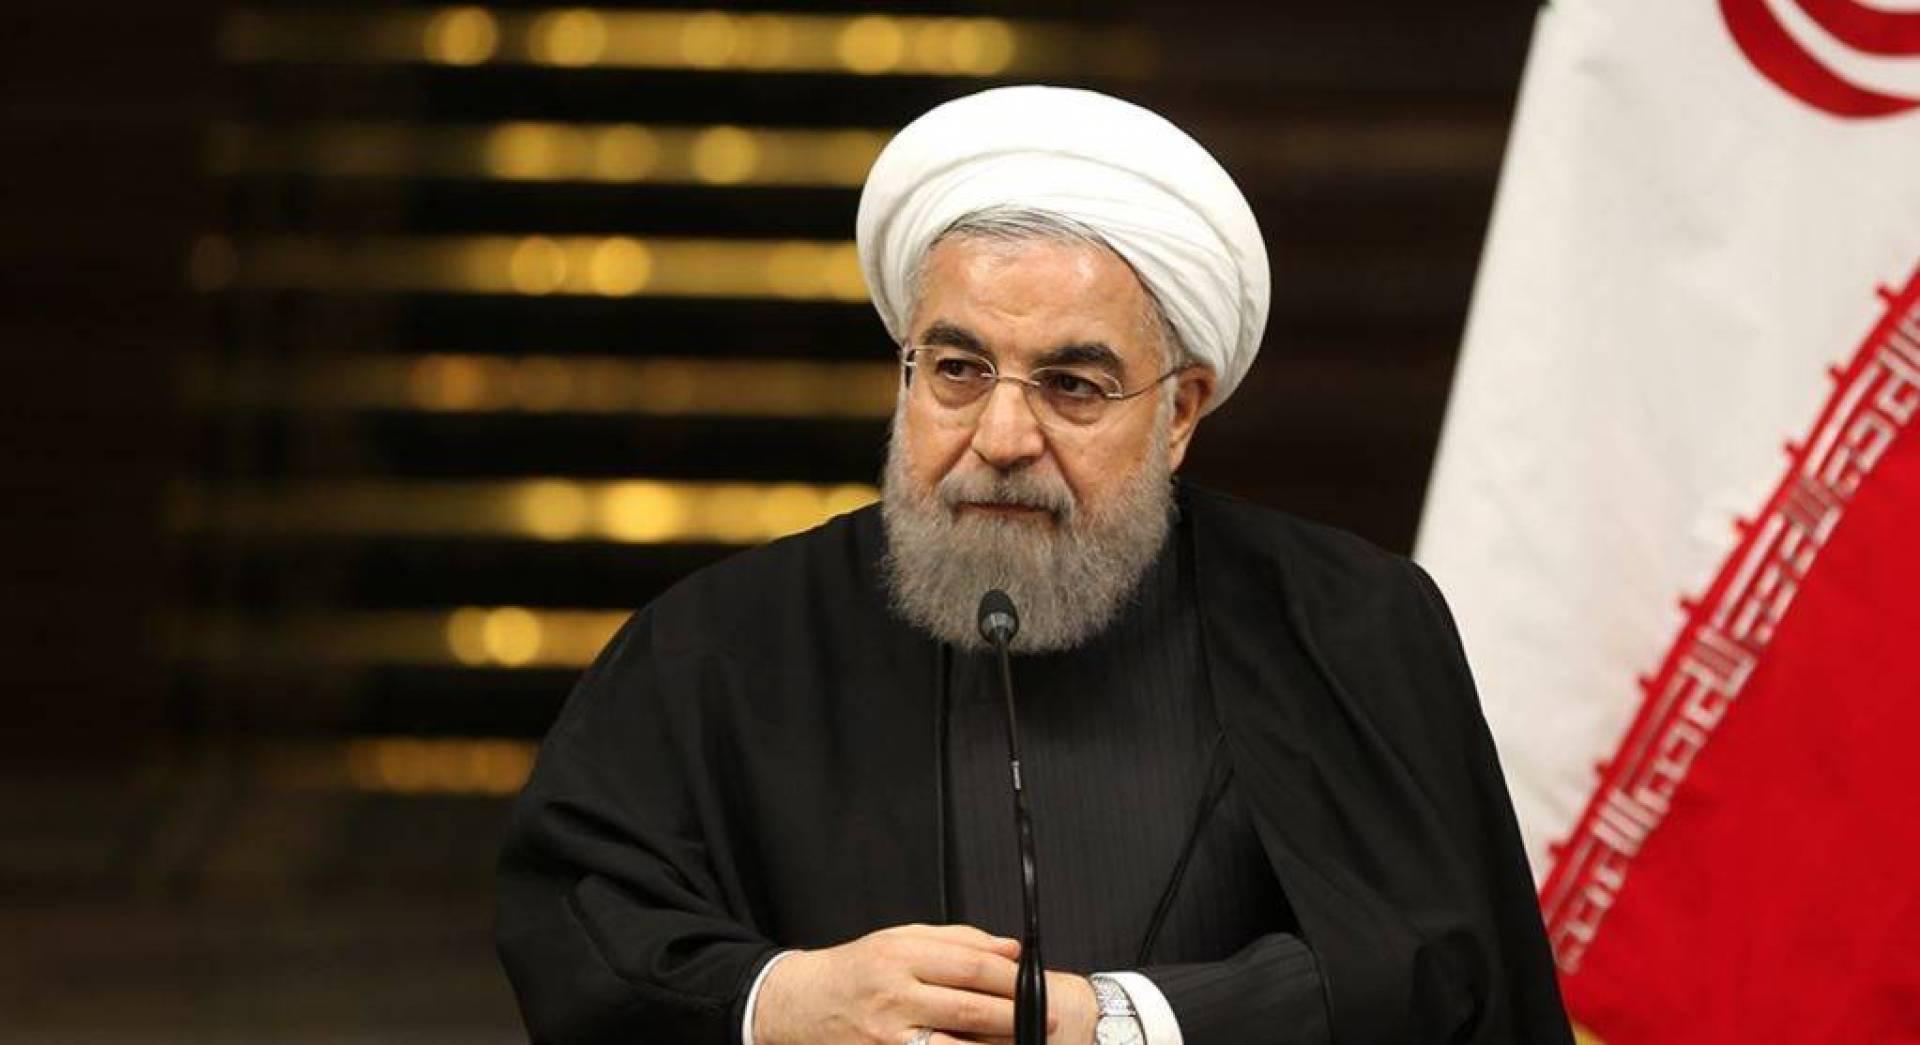 روحاني: إيران غير قادرة على وقف النشاطات الاقتصادية للحد من تفشي كورونا